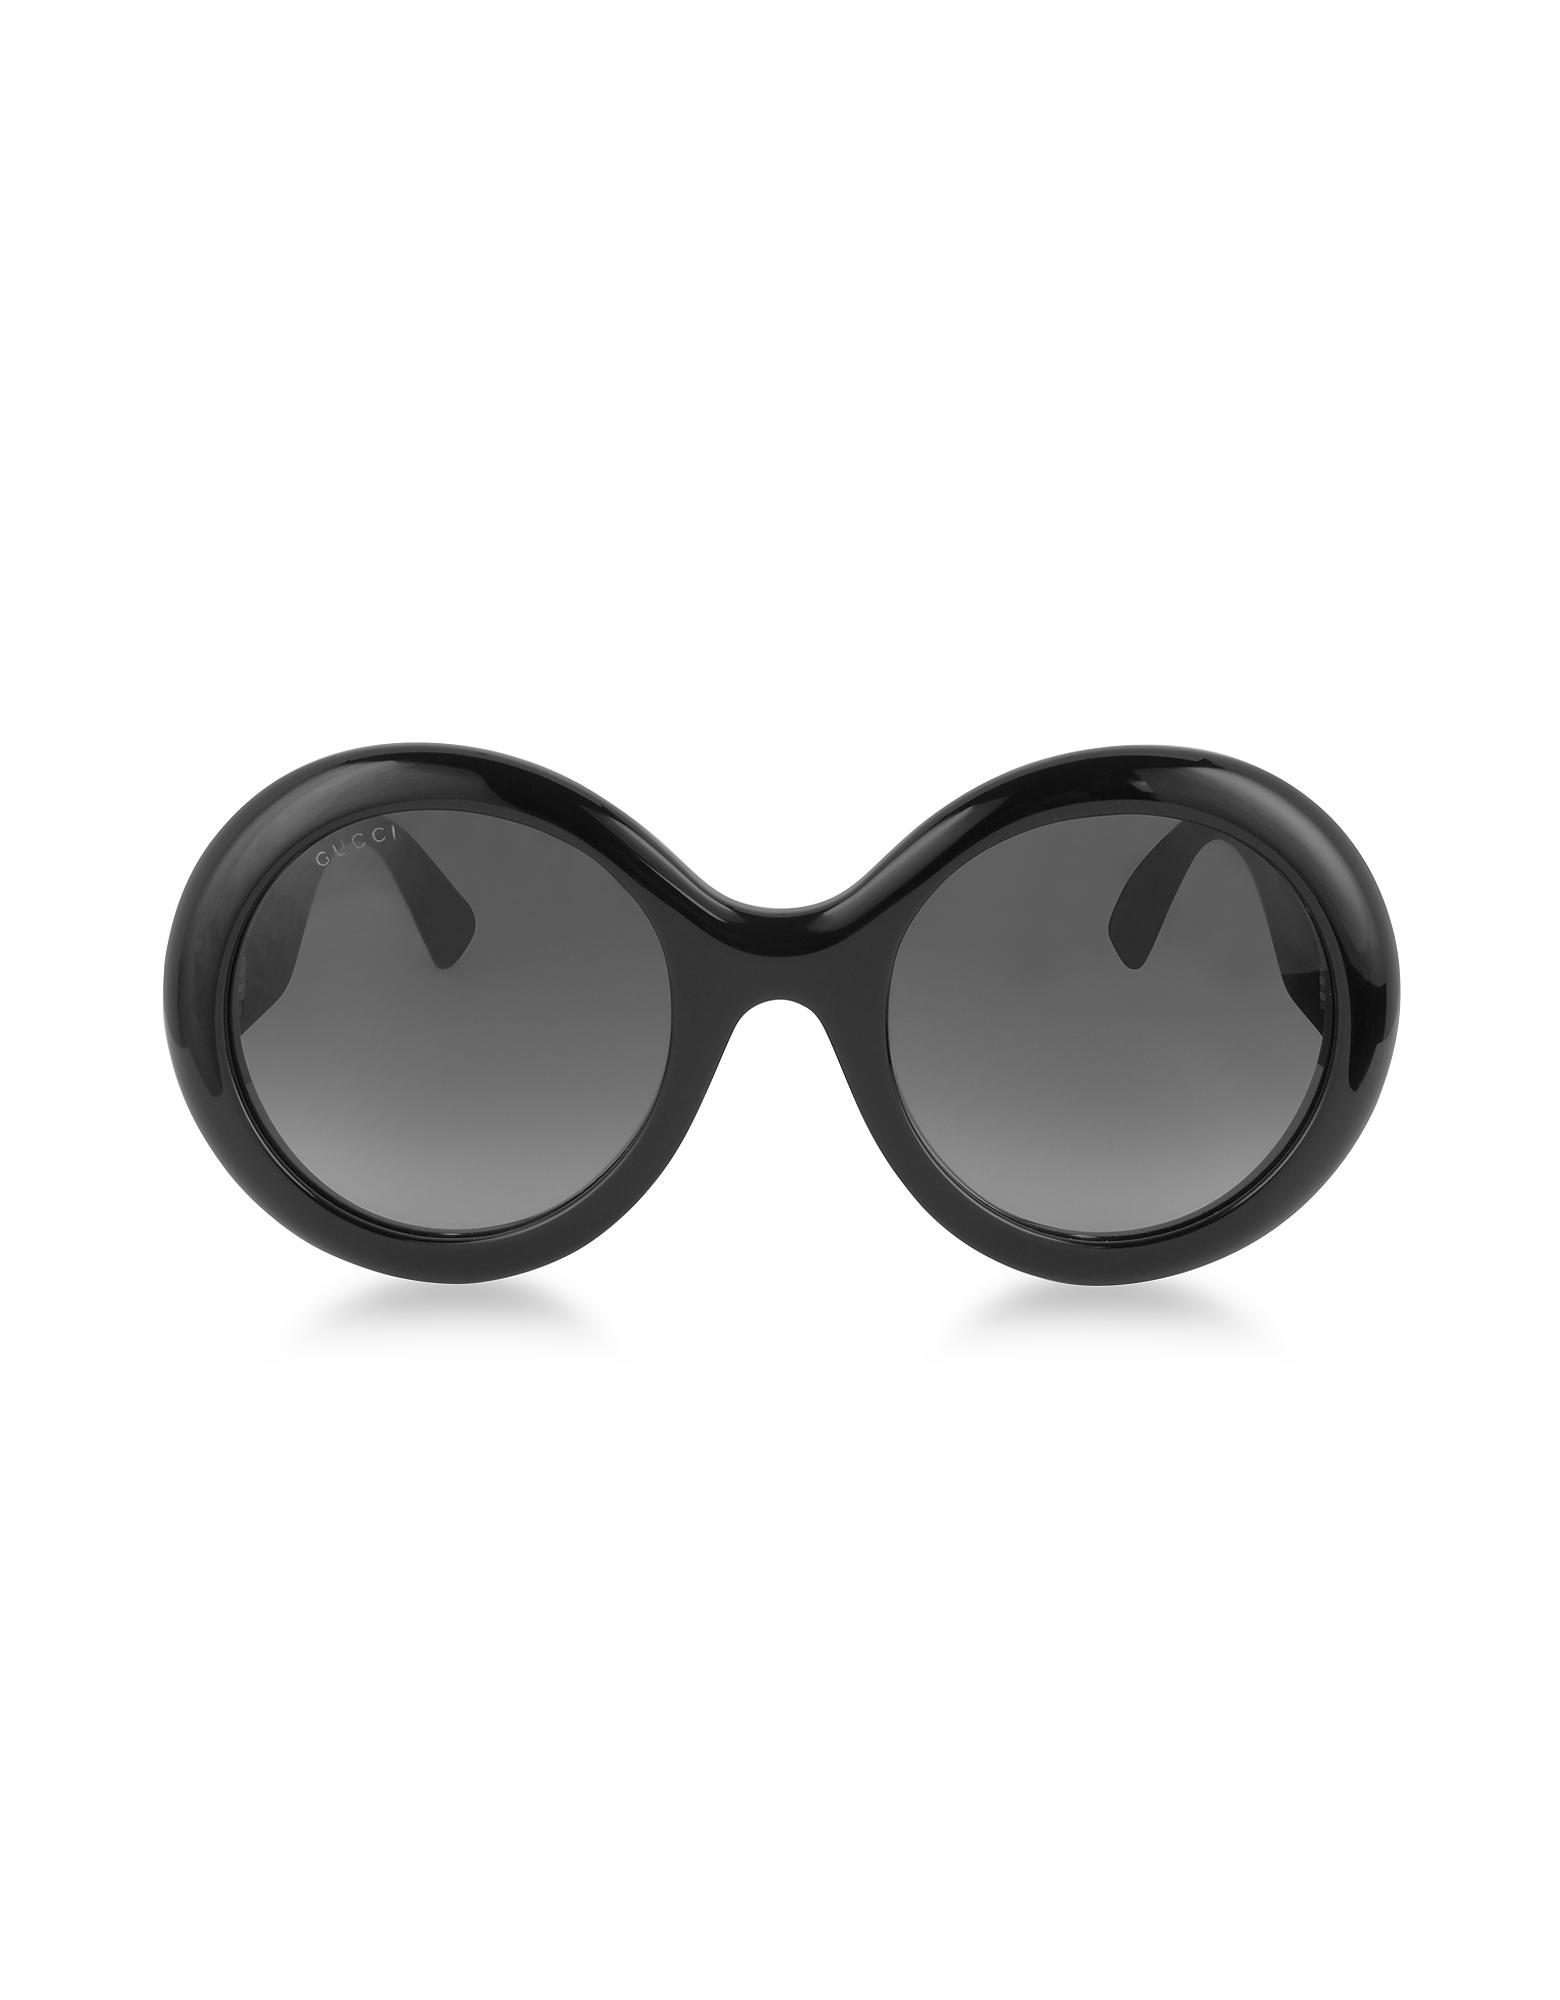 GG0101S - Круглый Женские Солнечные Очки из Ацетата с Блестящими Дужками